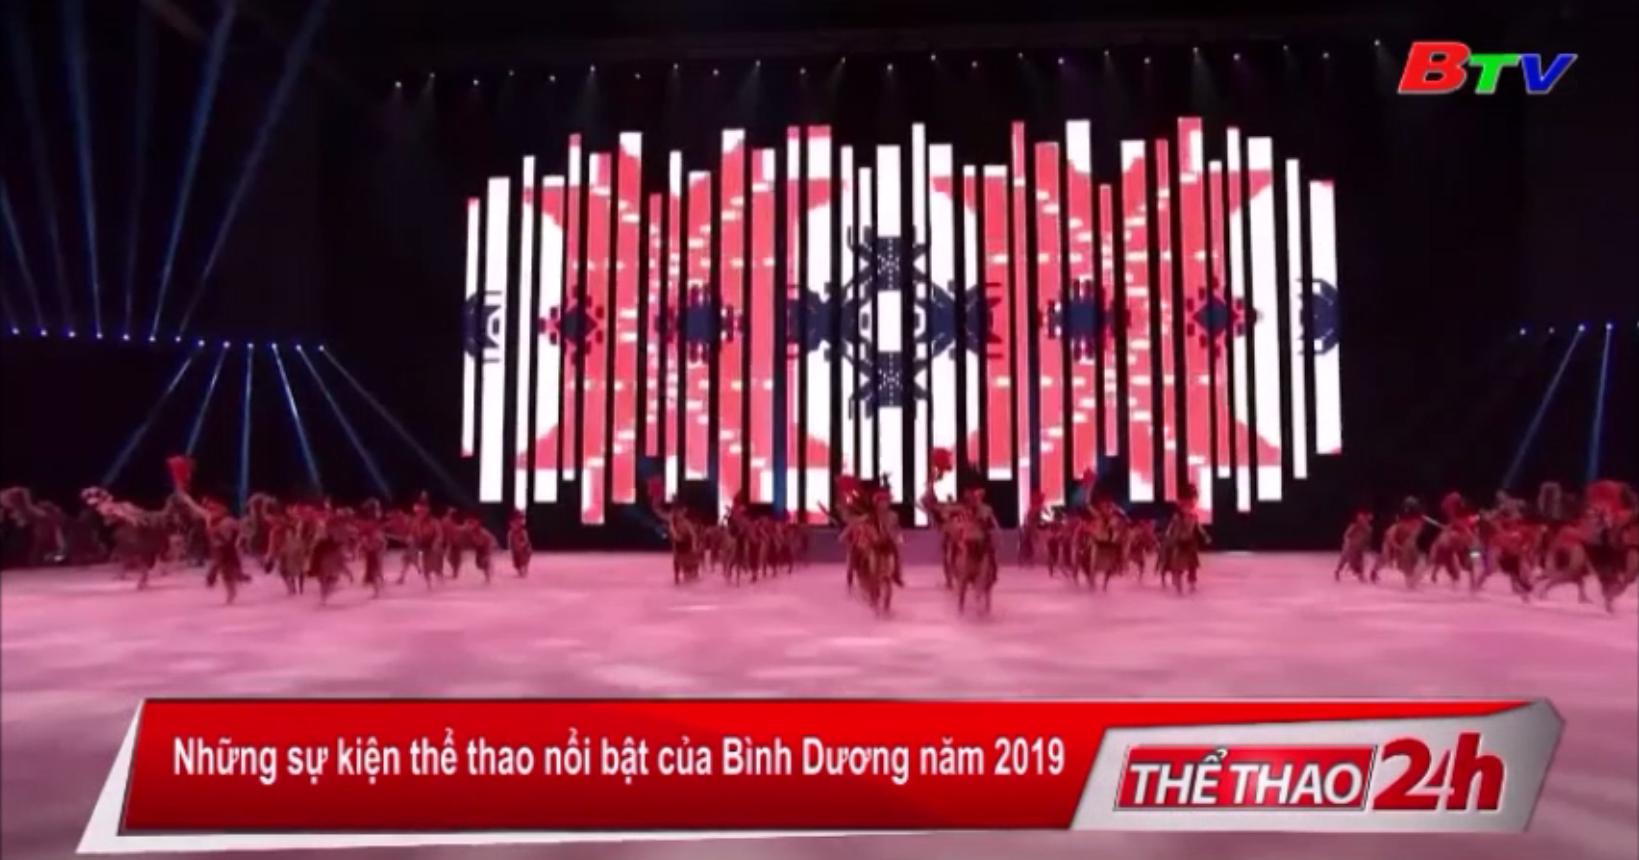 Những sự kiện thể thao nổi bật của Bình Dương 2019